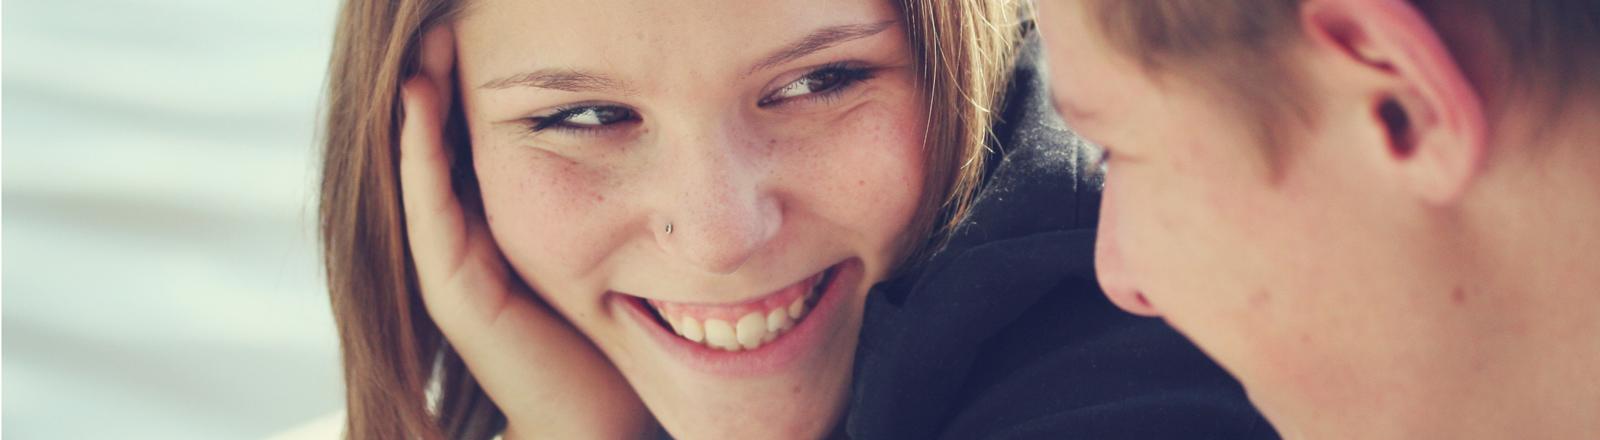 Eine Frau lächelt Mann an.